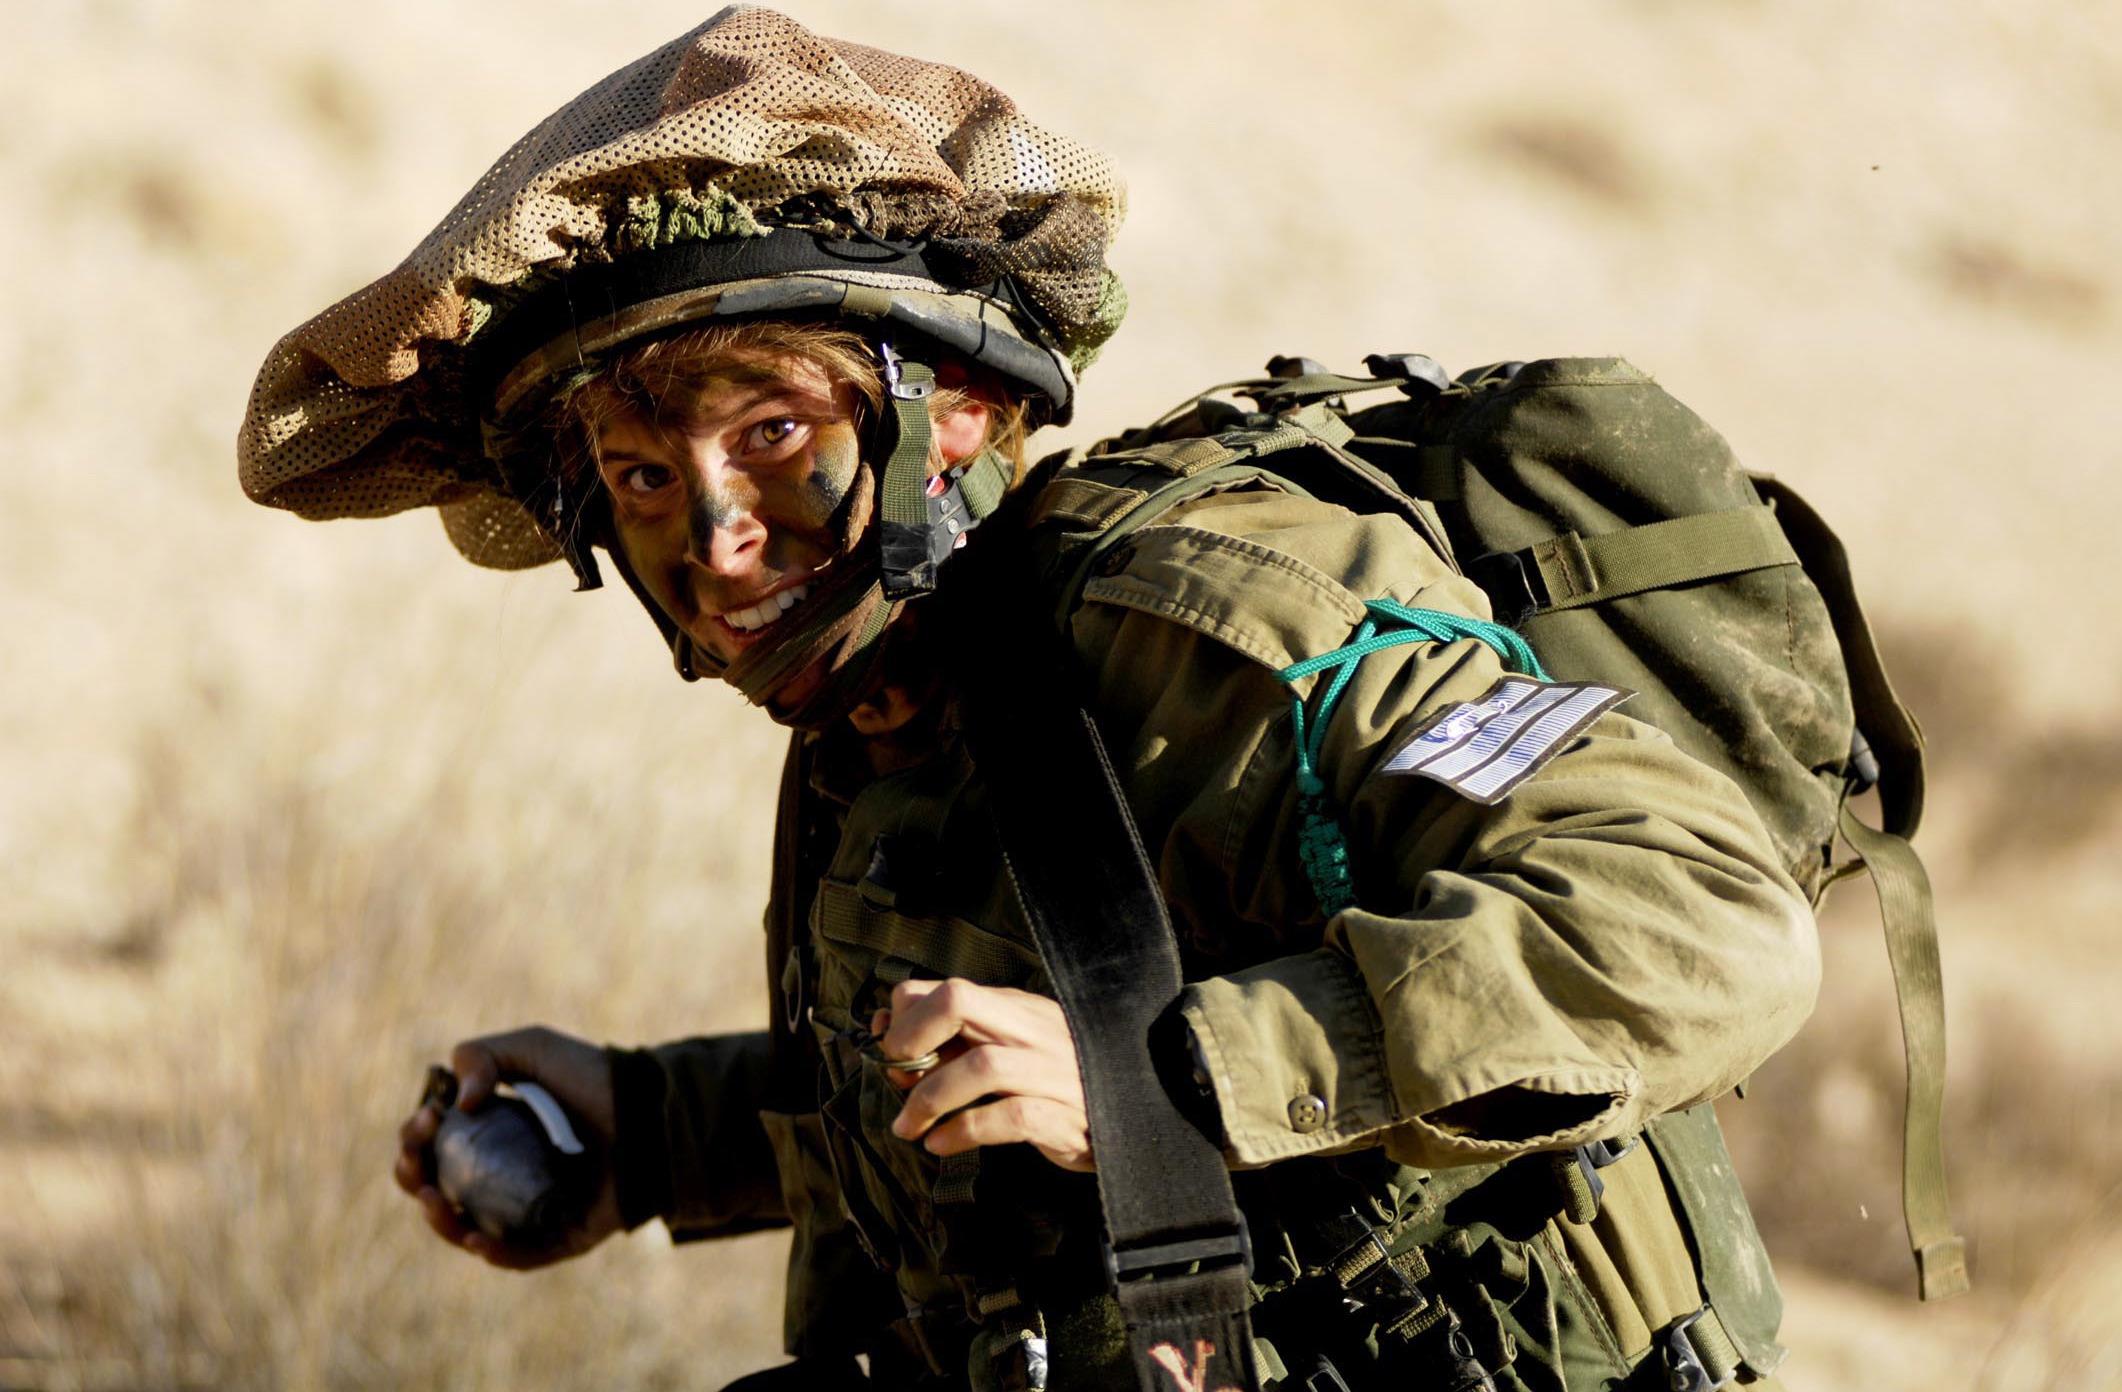 Теперь гранаты в руках израильтян (и израильтянок) станут безопаснее. Для израильтян, но не для врага